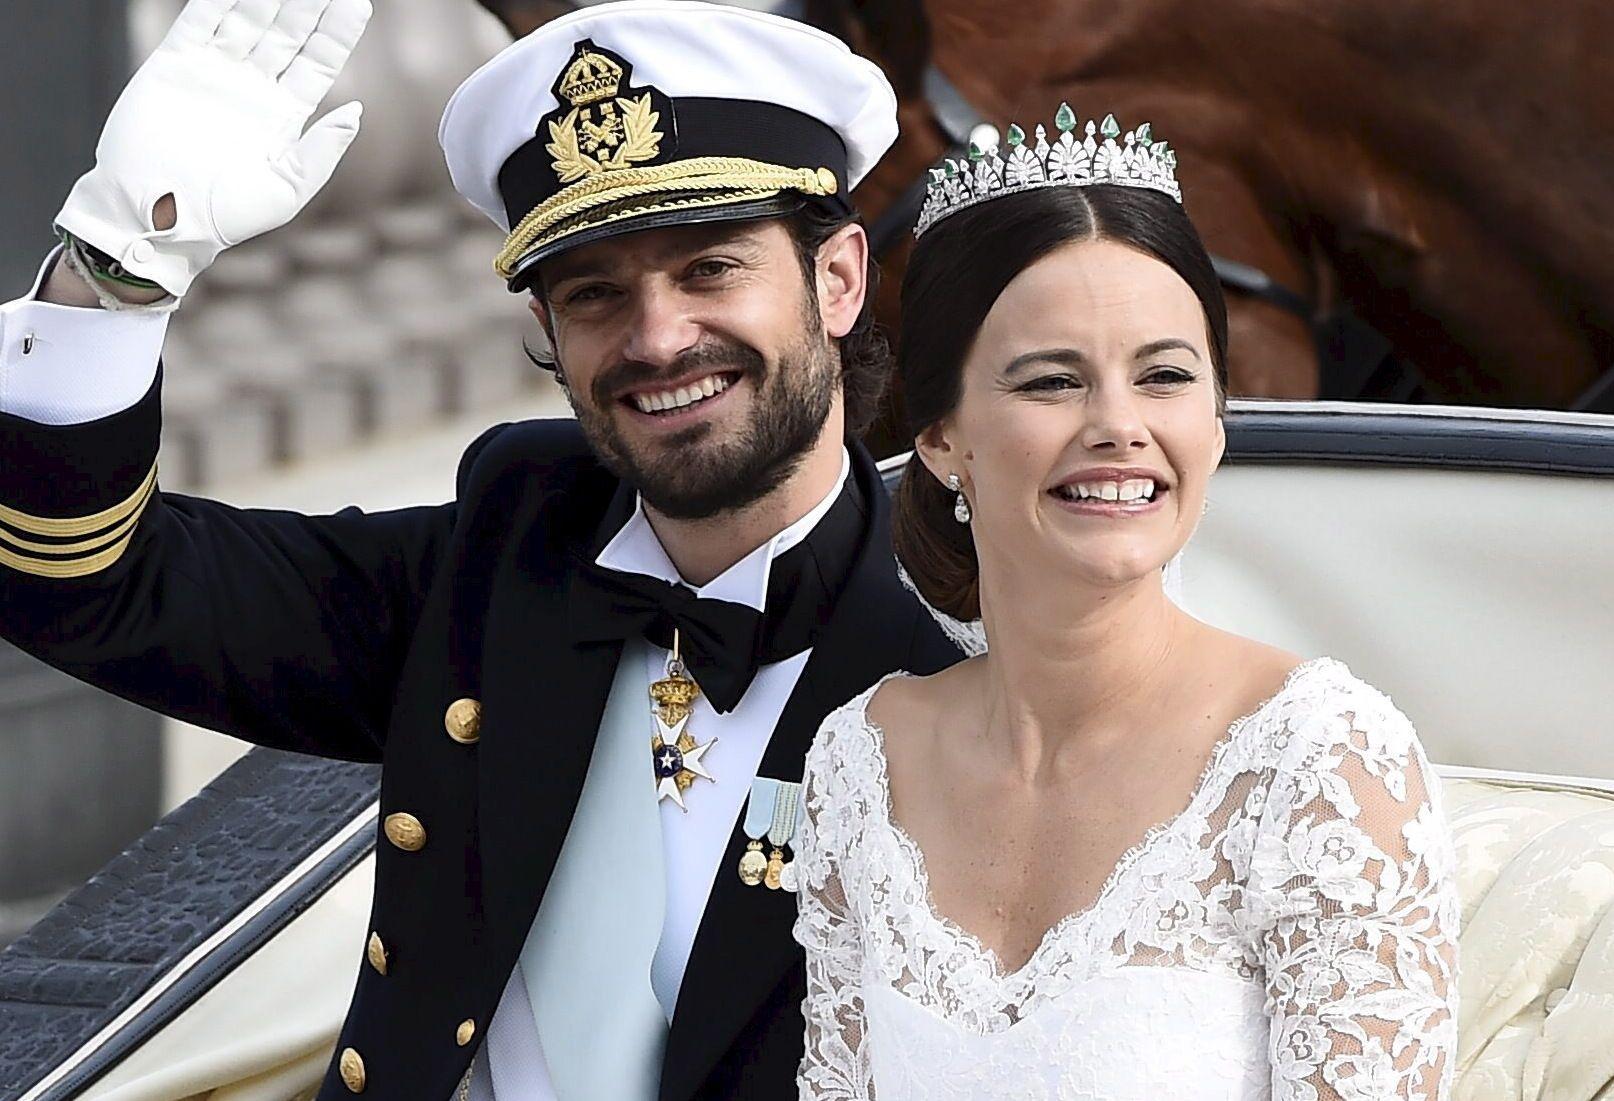 UTEN KRONER: Prins Carl Philip giftet seg med sin Sofia, som ble prinsesse, i fjor. Hun bar et diadem.